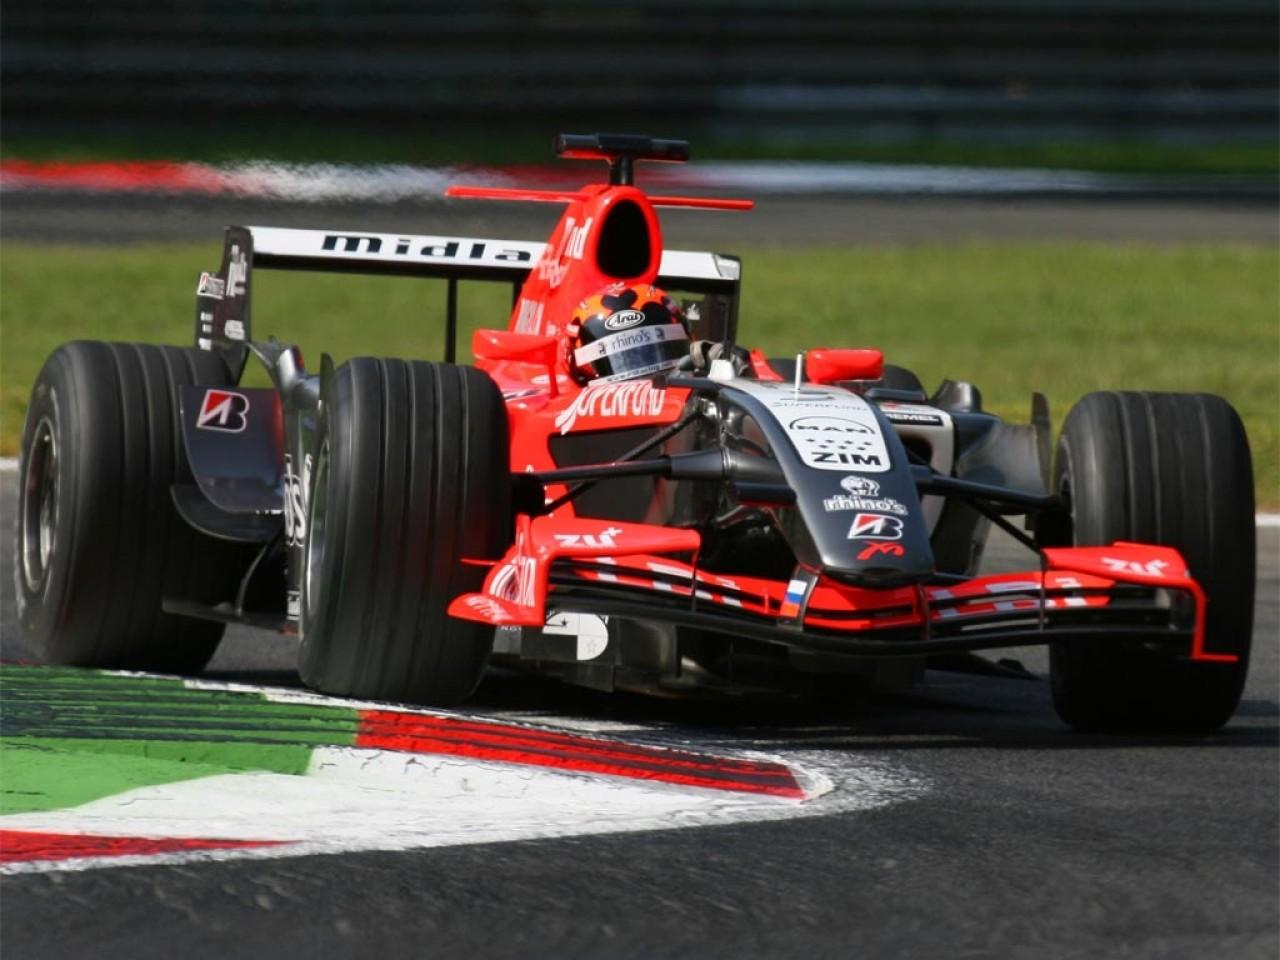 Austrian Grand Prix 2019